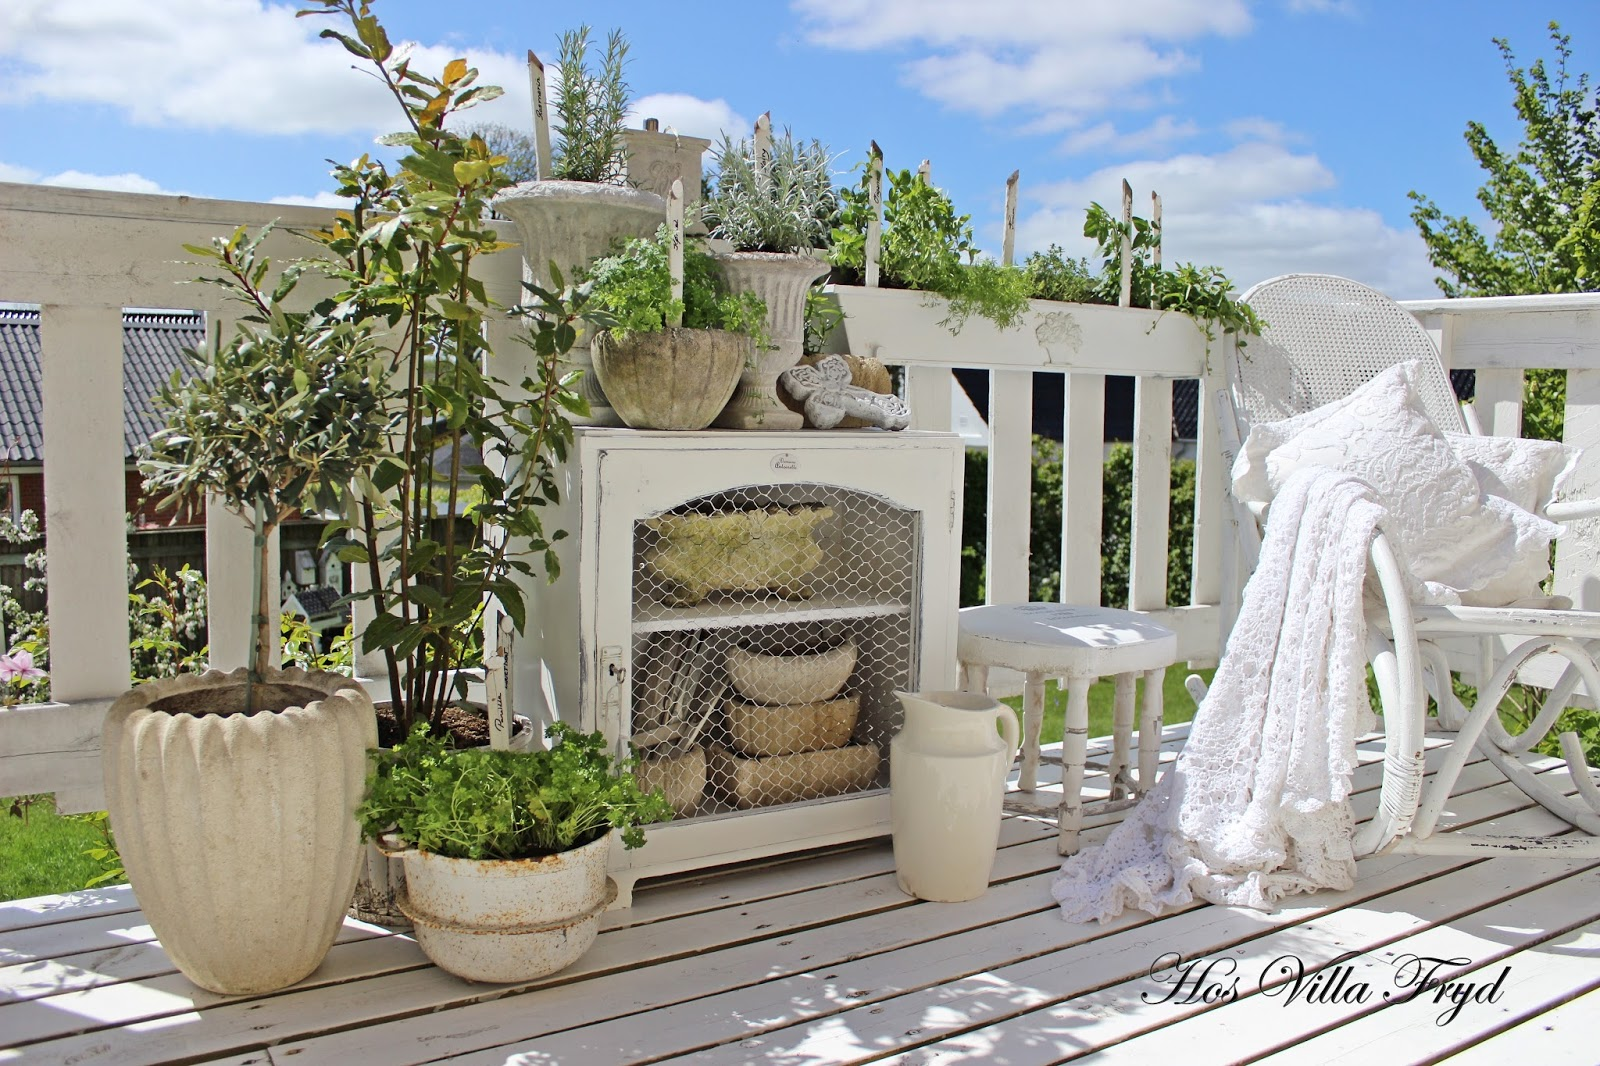 Hos villa fryd: min sydlandske veranda